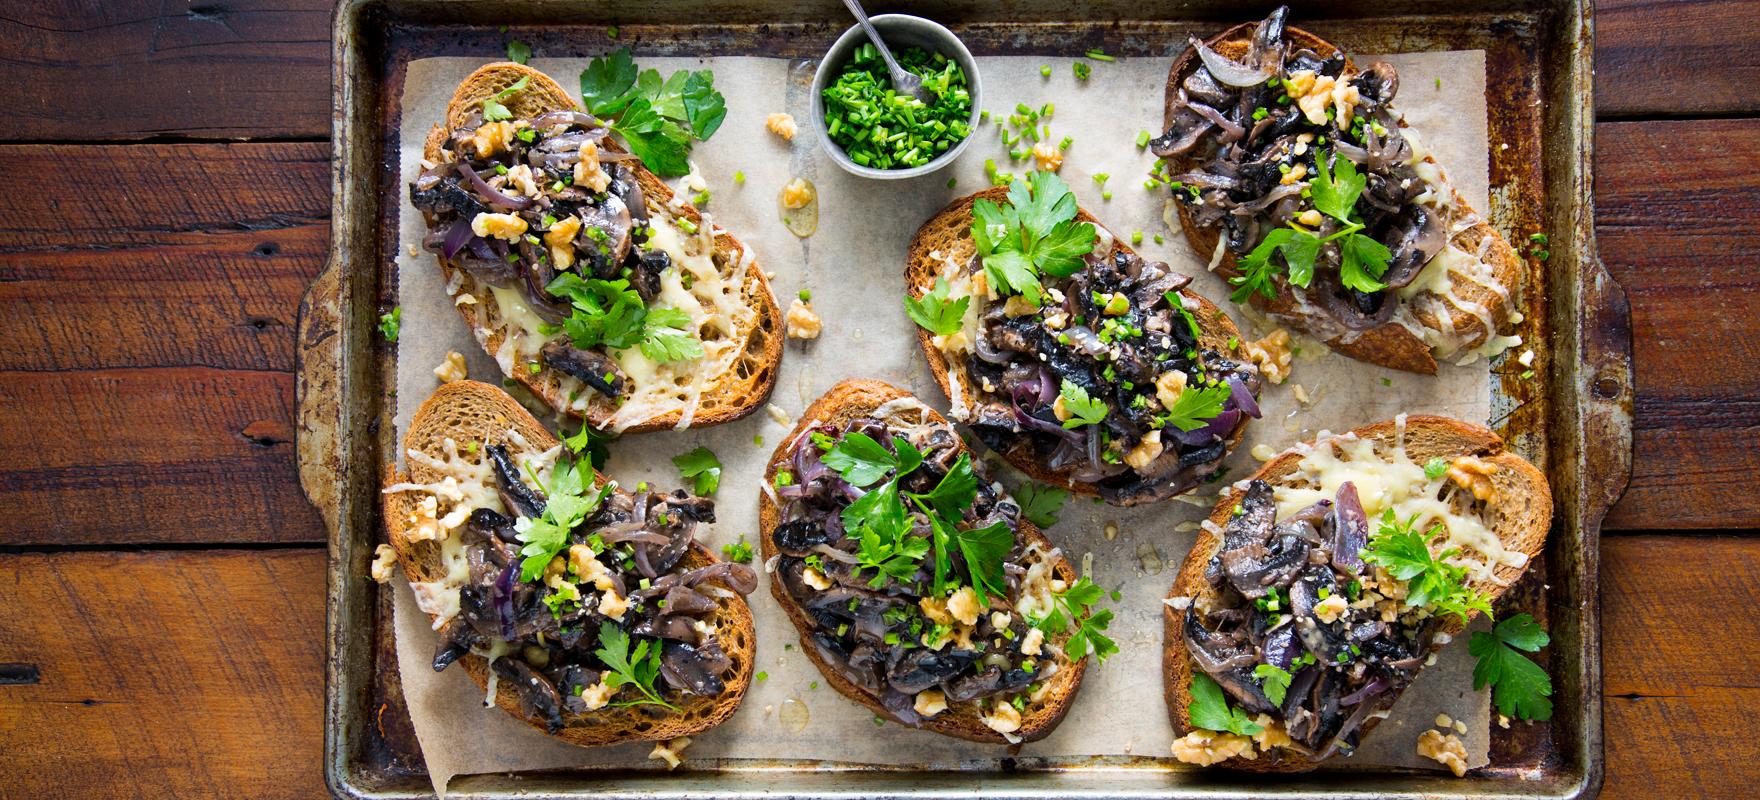 Garlic mushroom toast image 1